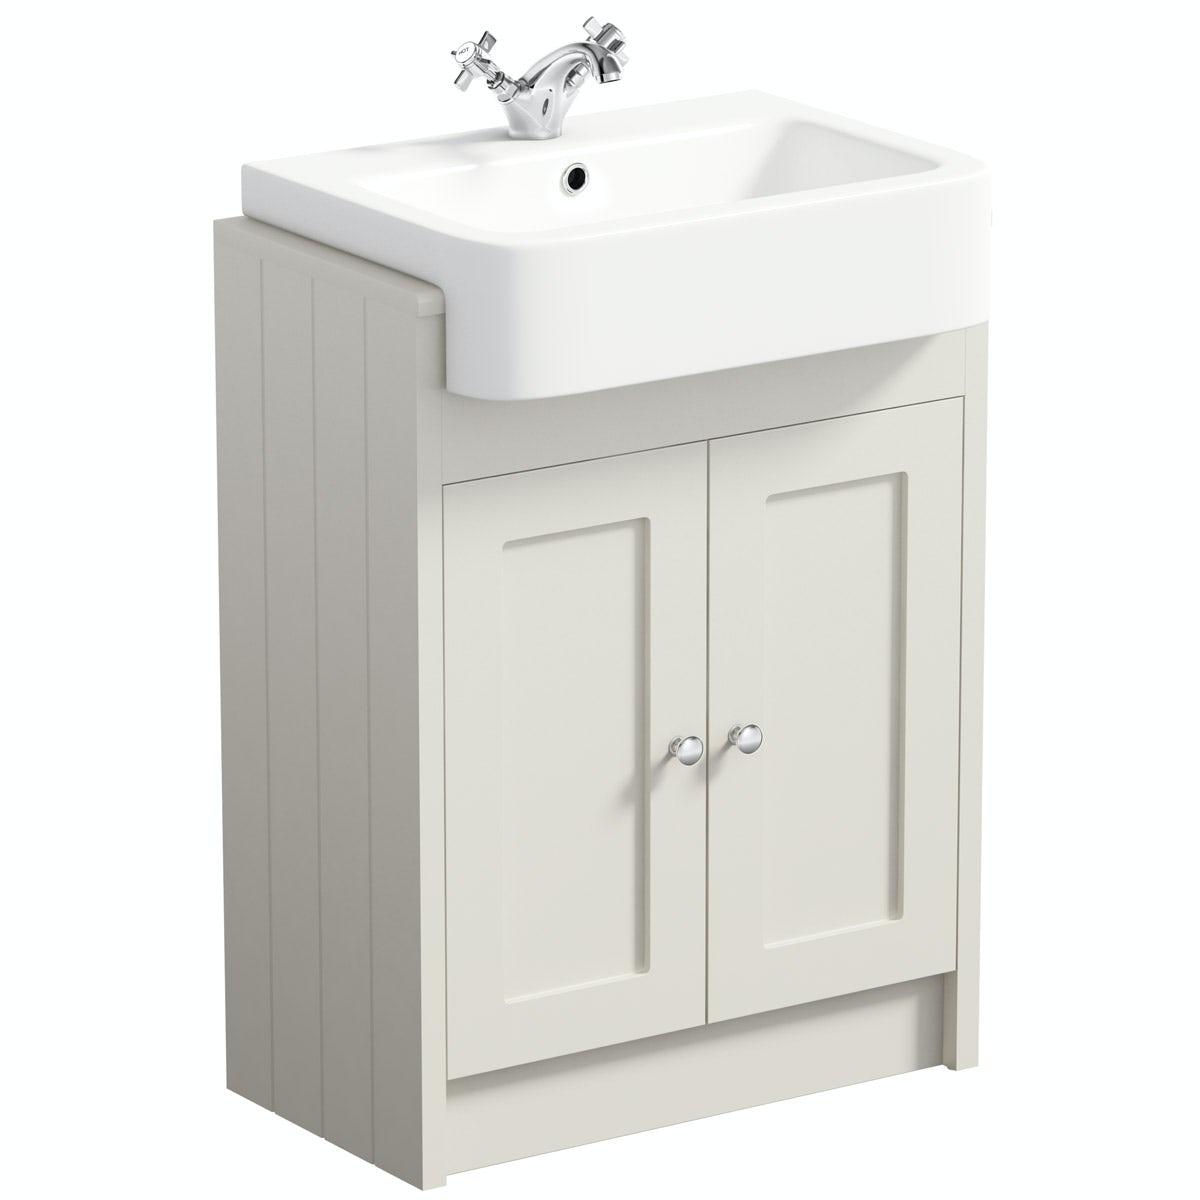 Recessed bathroom sink - New Dulwich Ivory Semi Recessed Vanity